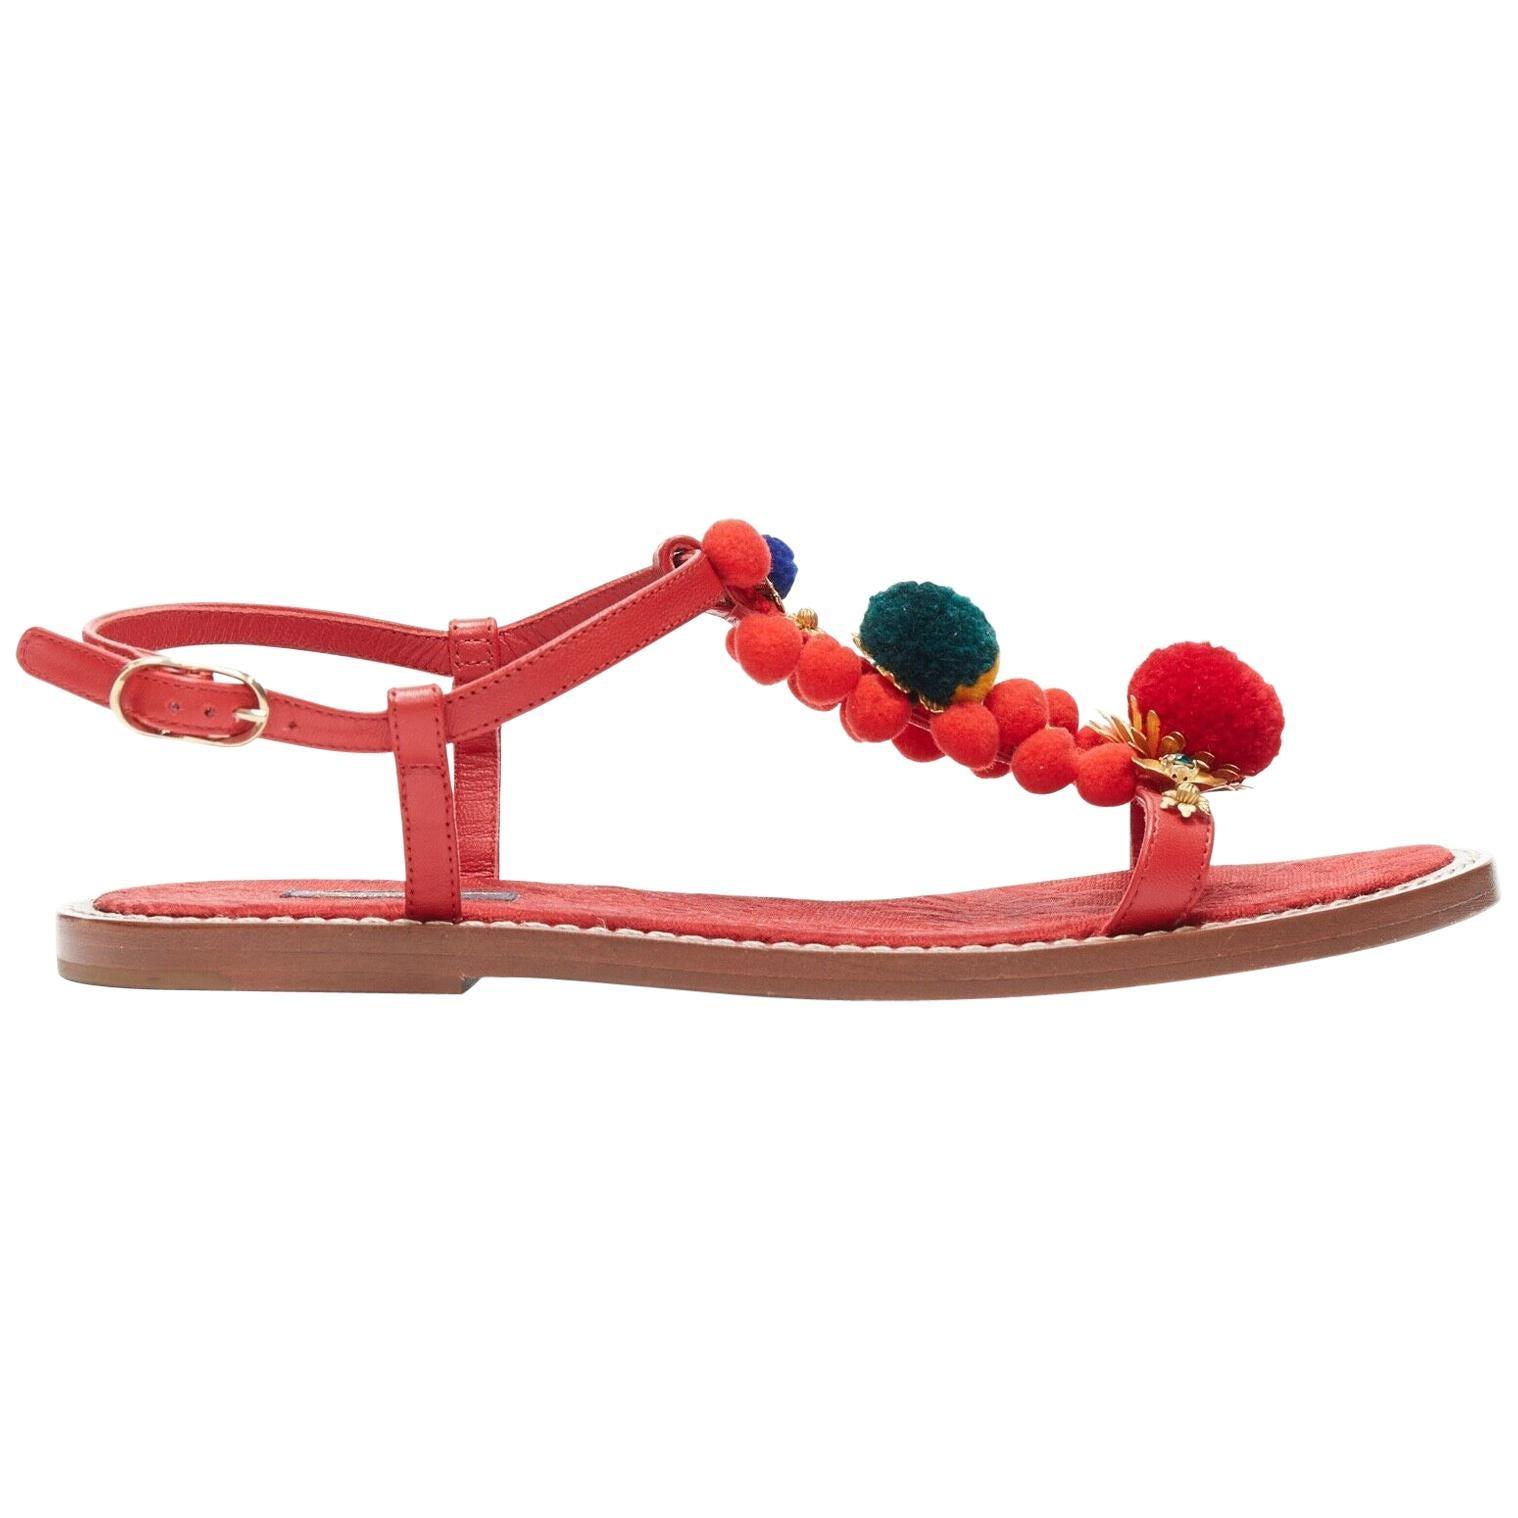 DOLCE GABBANA DG red pom pom gold floral embellished flat sandals shoes EU37.5